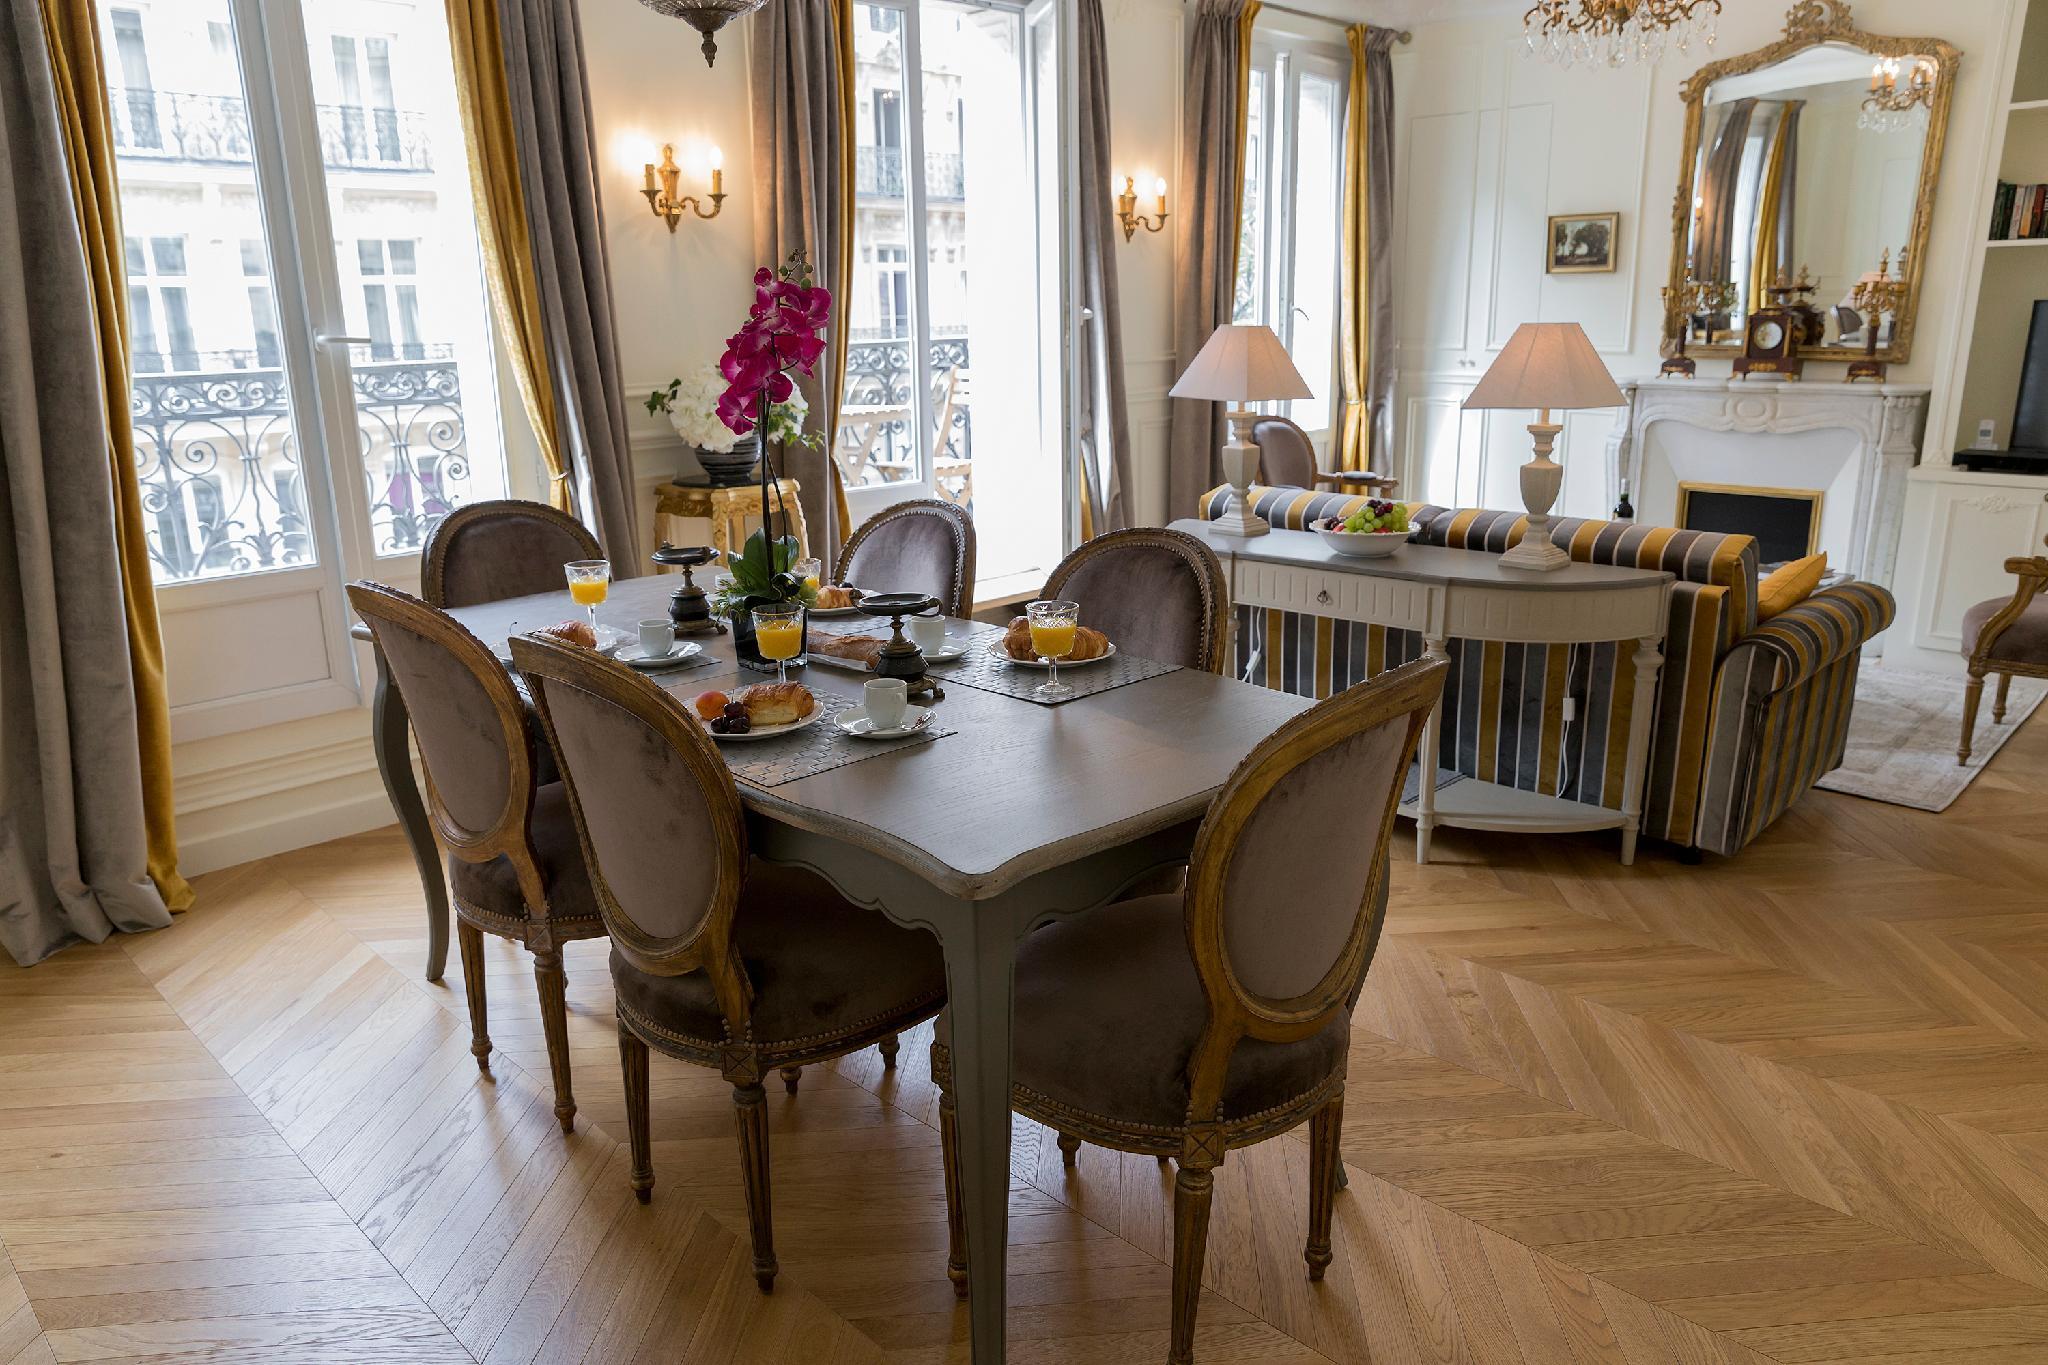 201453 - Appartement 4 personnes Châtelet - Les Halles